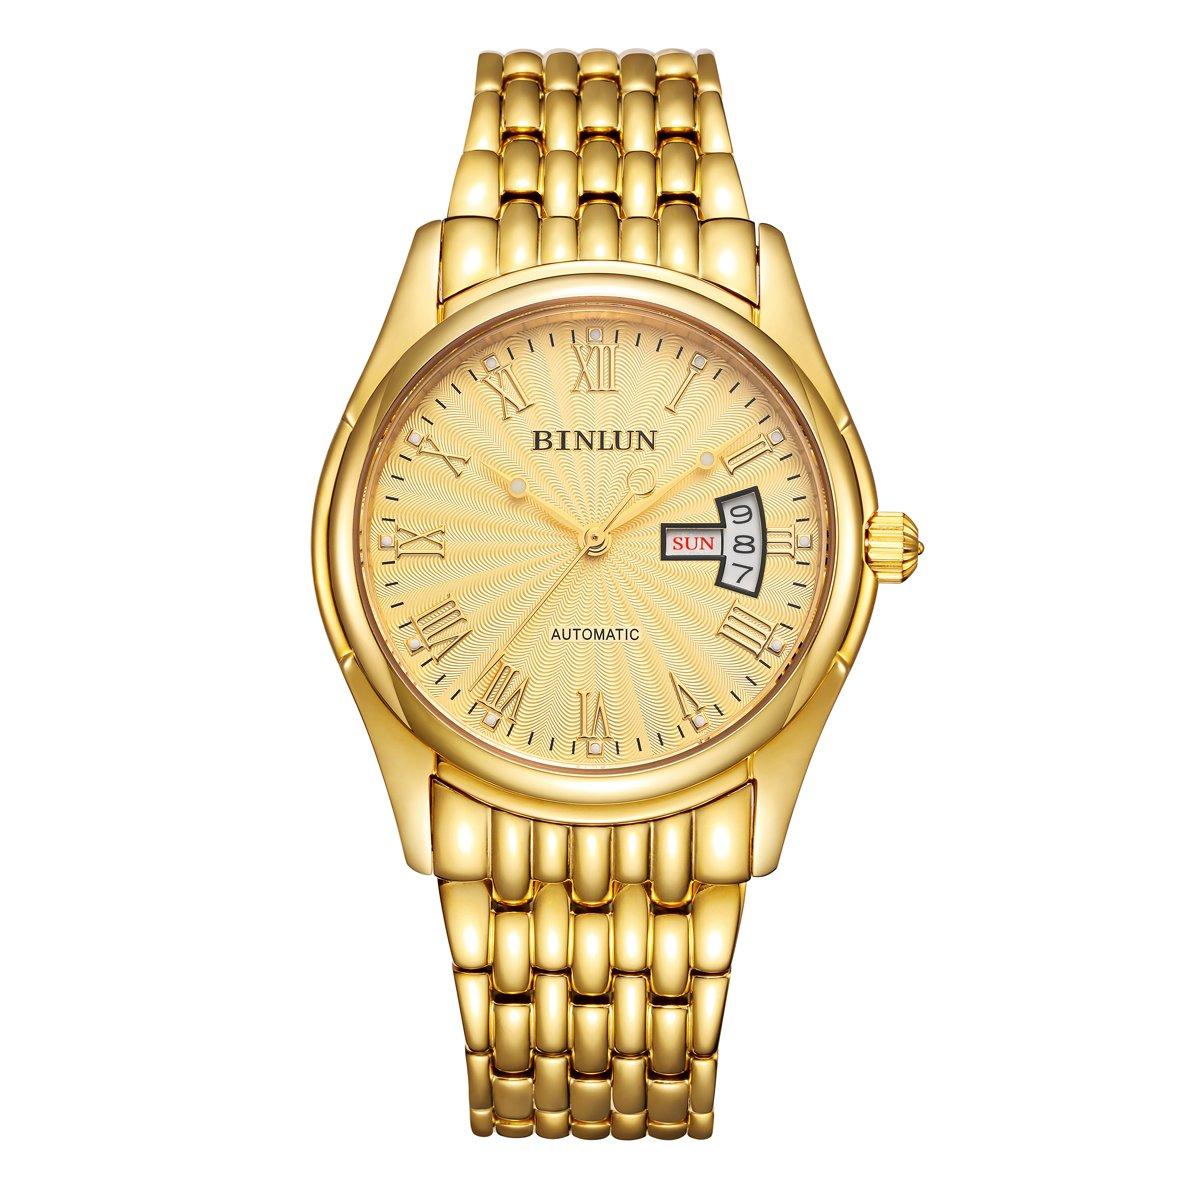 BINLUN 18K Gold Men s Wrist Watch Tourbillon Mechanical Automatic Watches